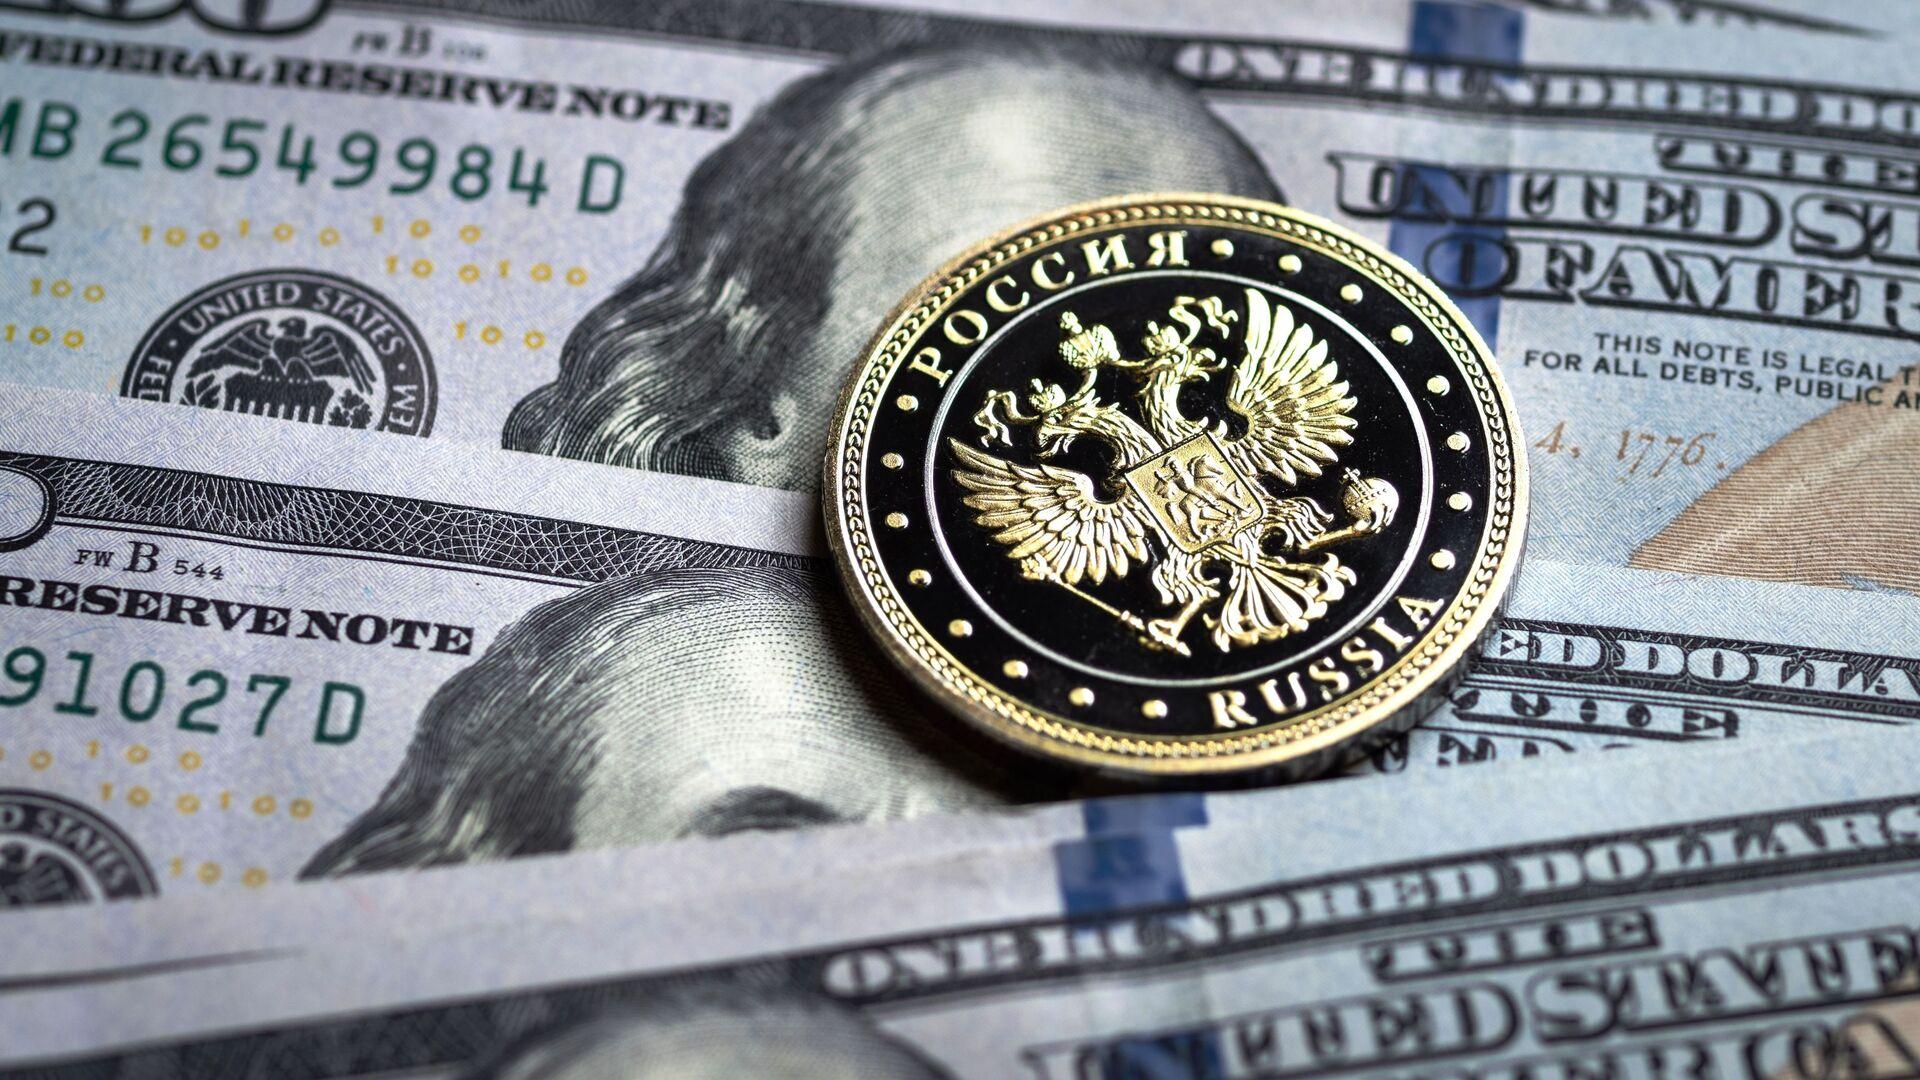 Купюры американских долларов и монета с гербом Российской Федерации - Sputnik Тоҷикистон, 1920, 11.10.2021